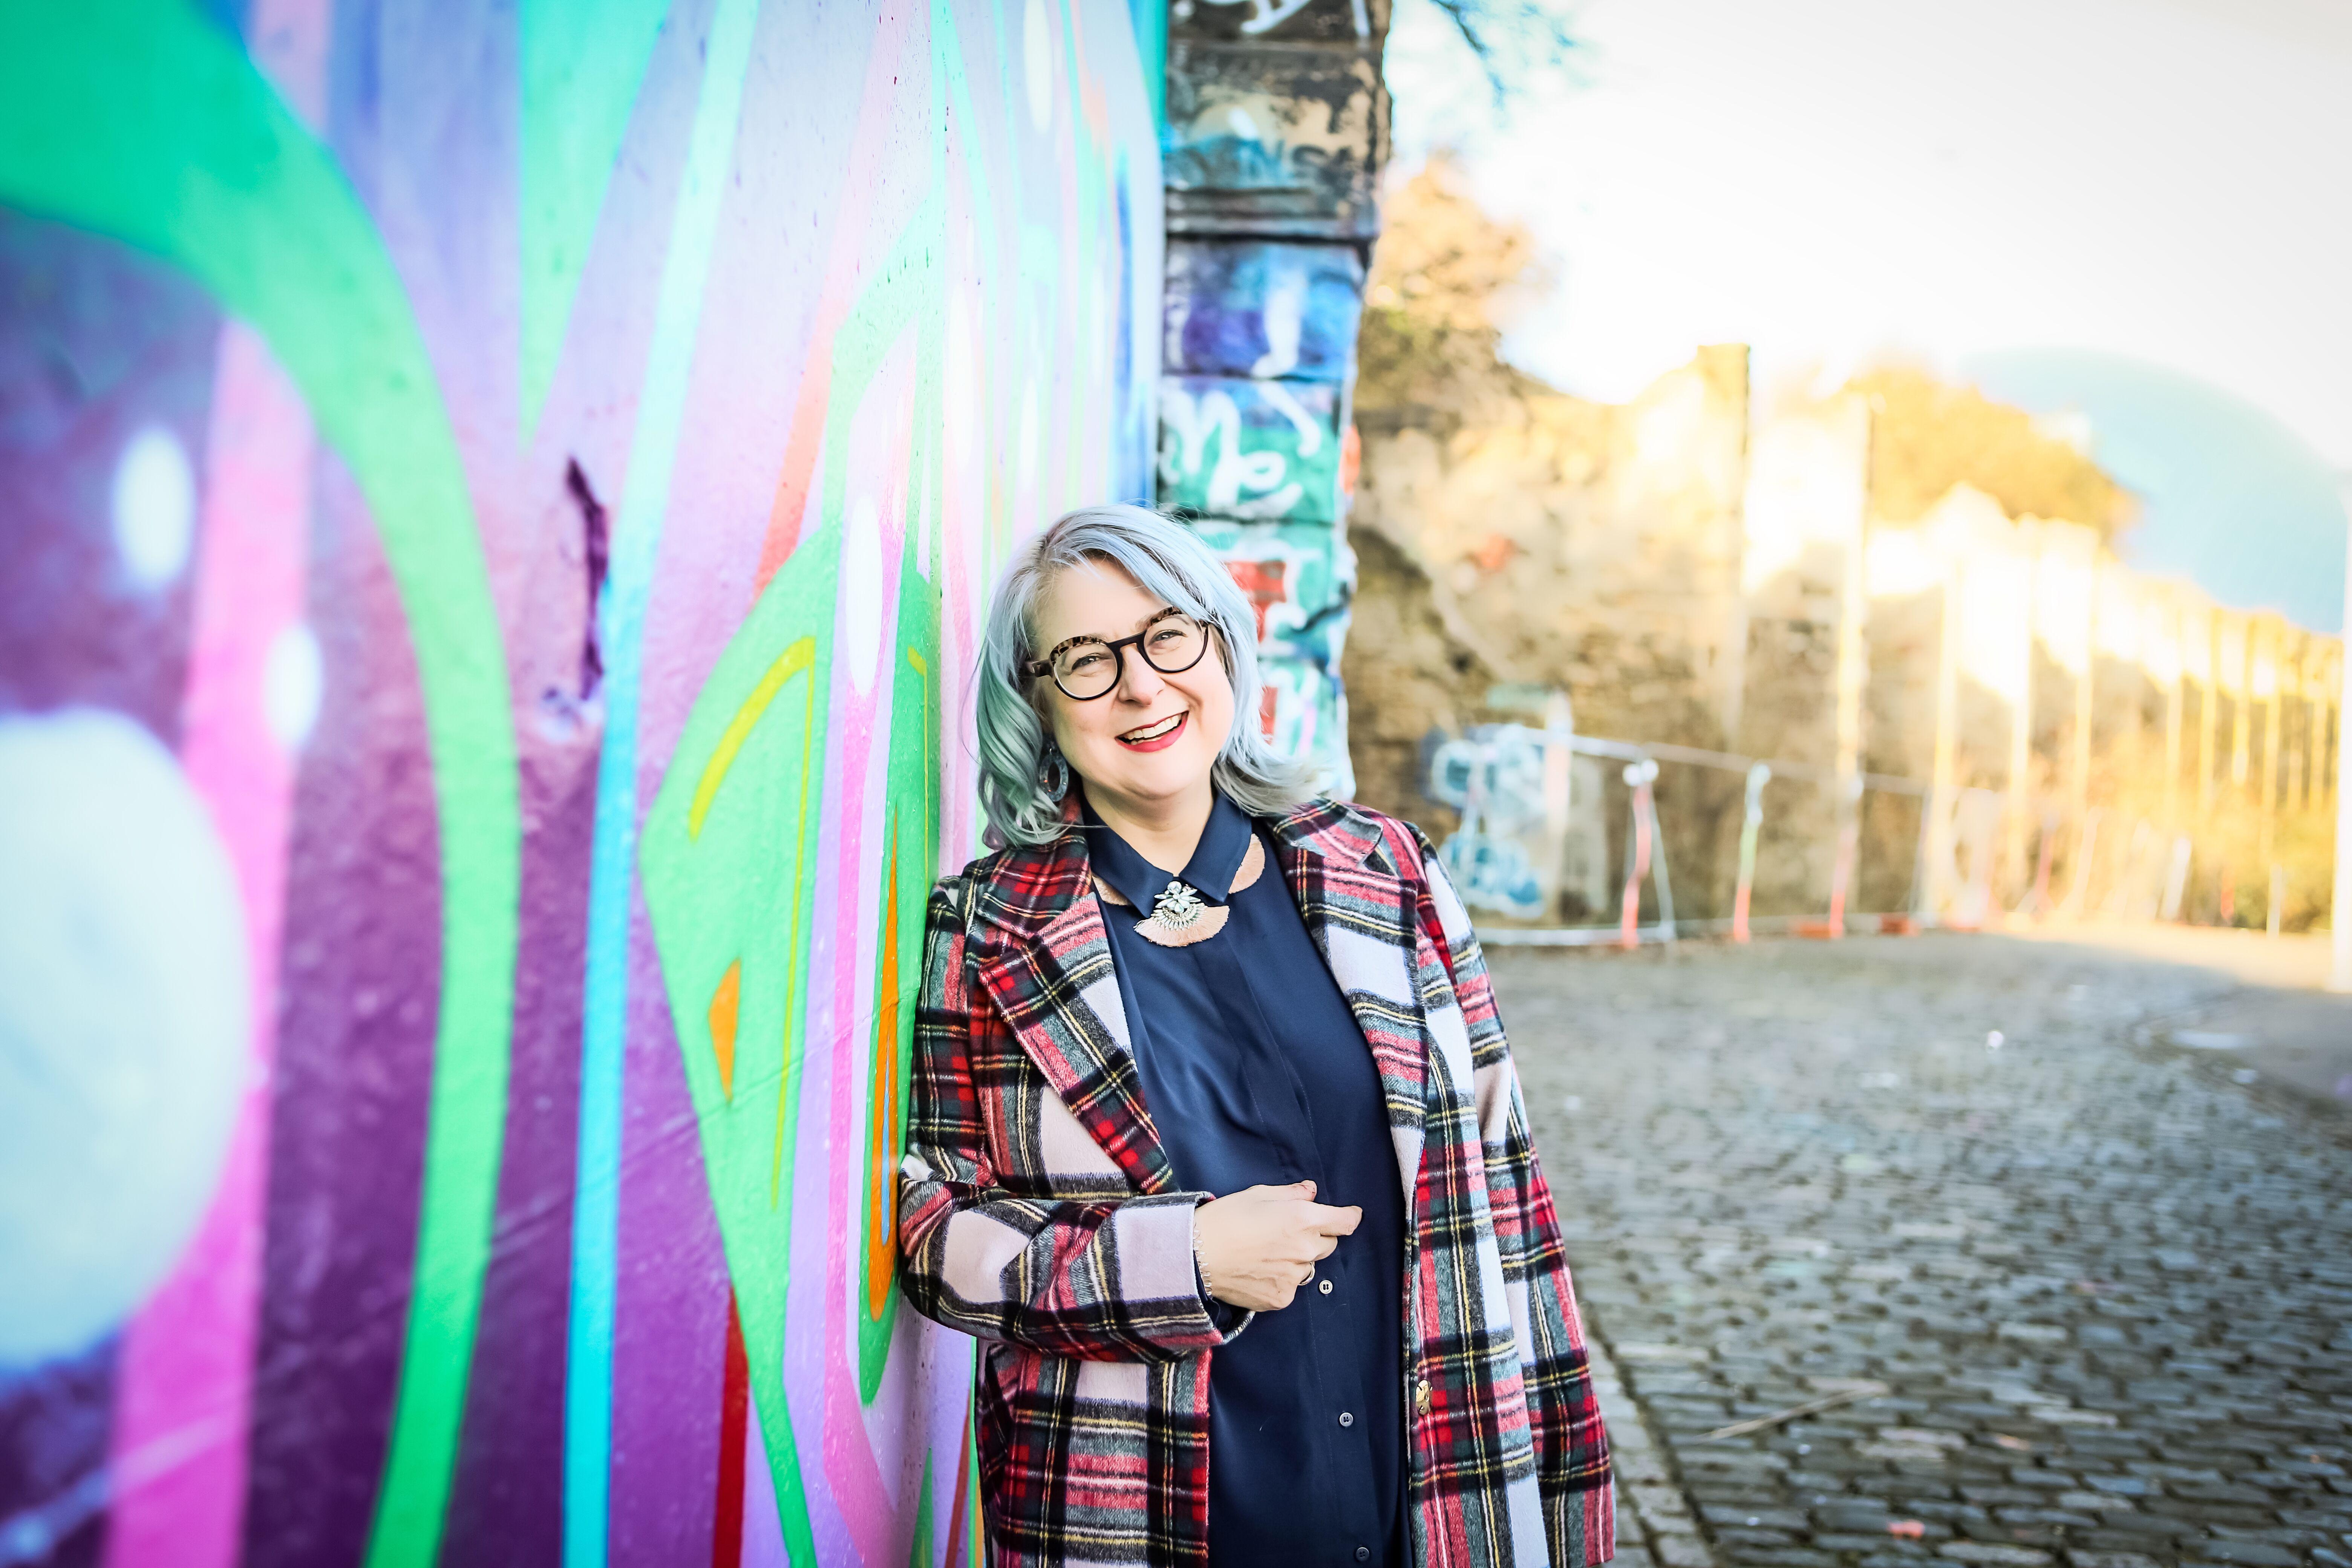 Sharon MacArthur